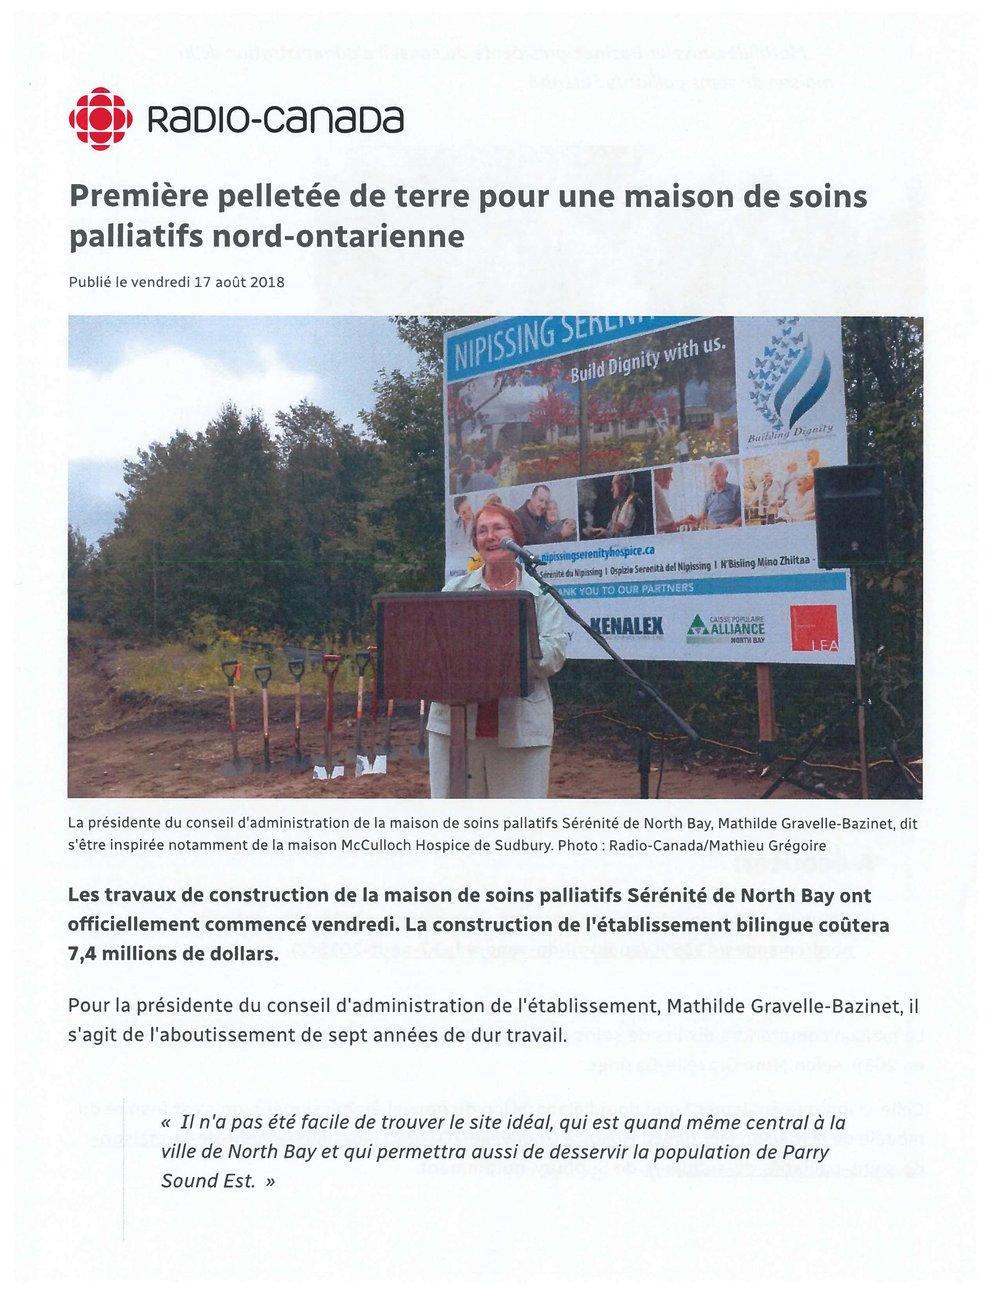 Première pelletée de terre pour une maison de soins palliatifs nord-ontarienne _ ICI.Radio-Canada.ca_Page_1.jpg